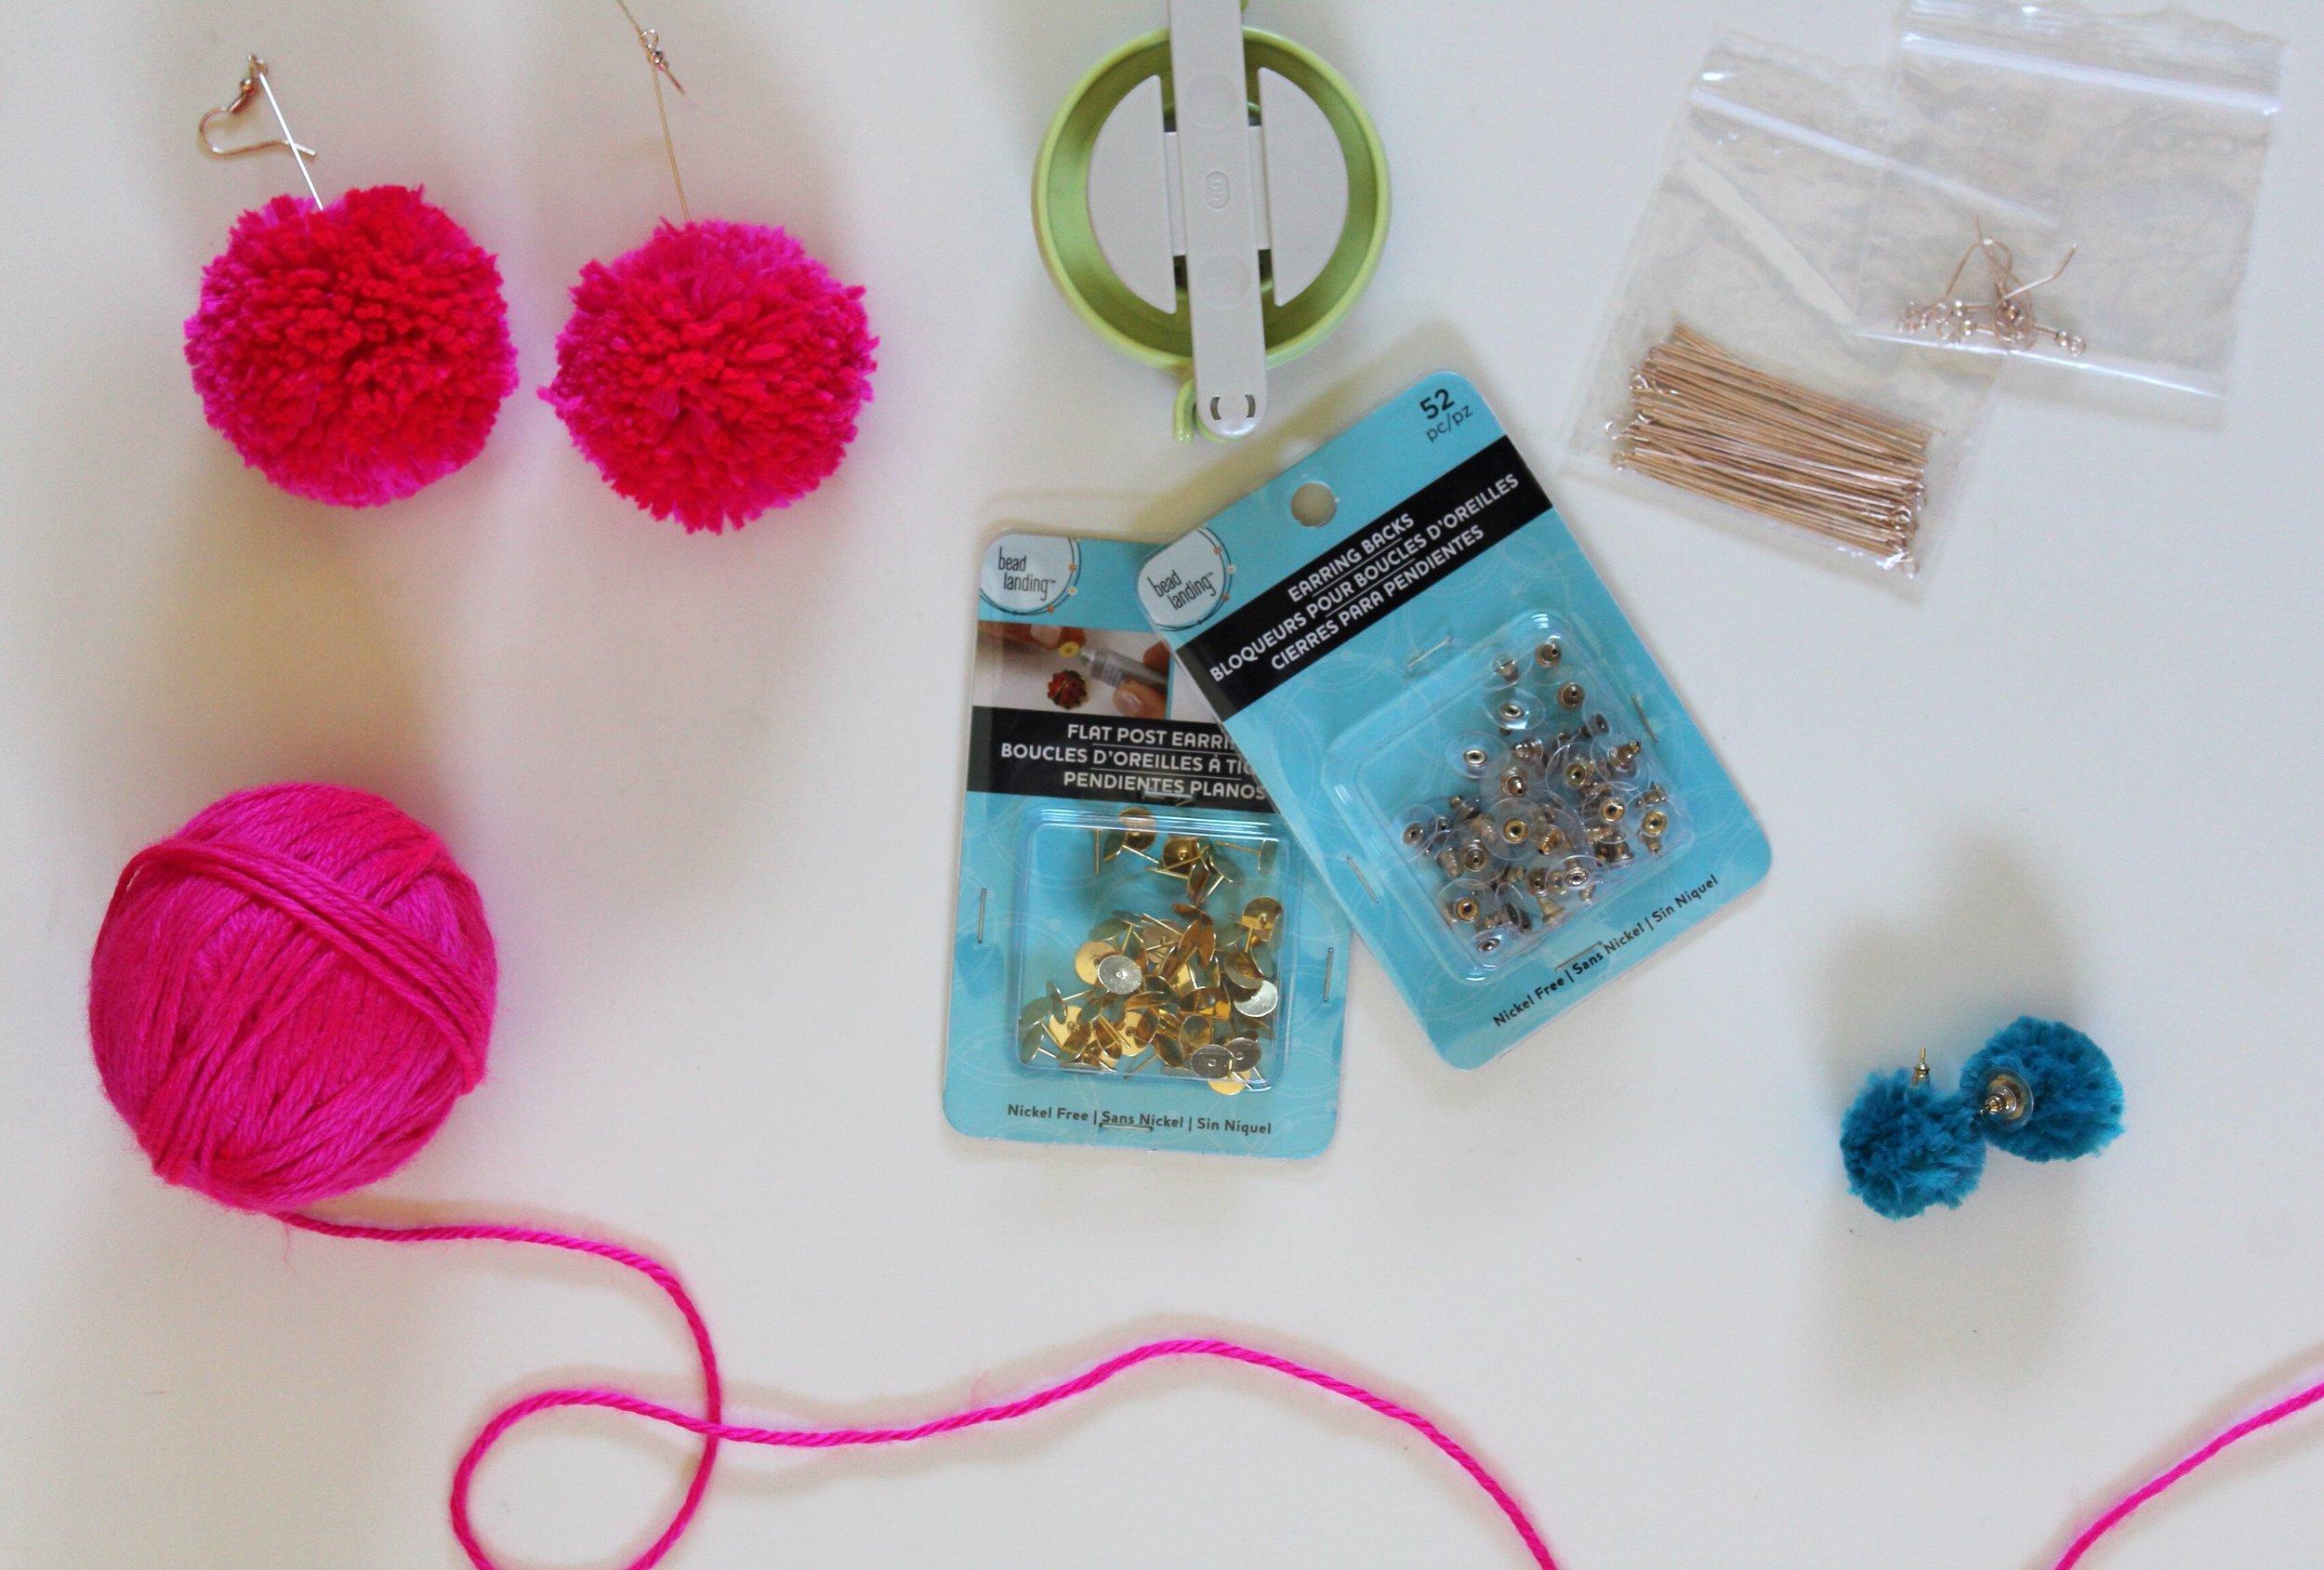 Materials to make pom pom earrings. Clover Pom Pom Maker from Michael's Store.